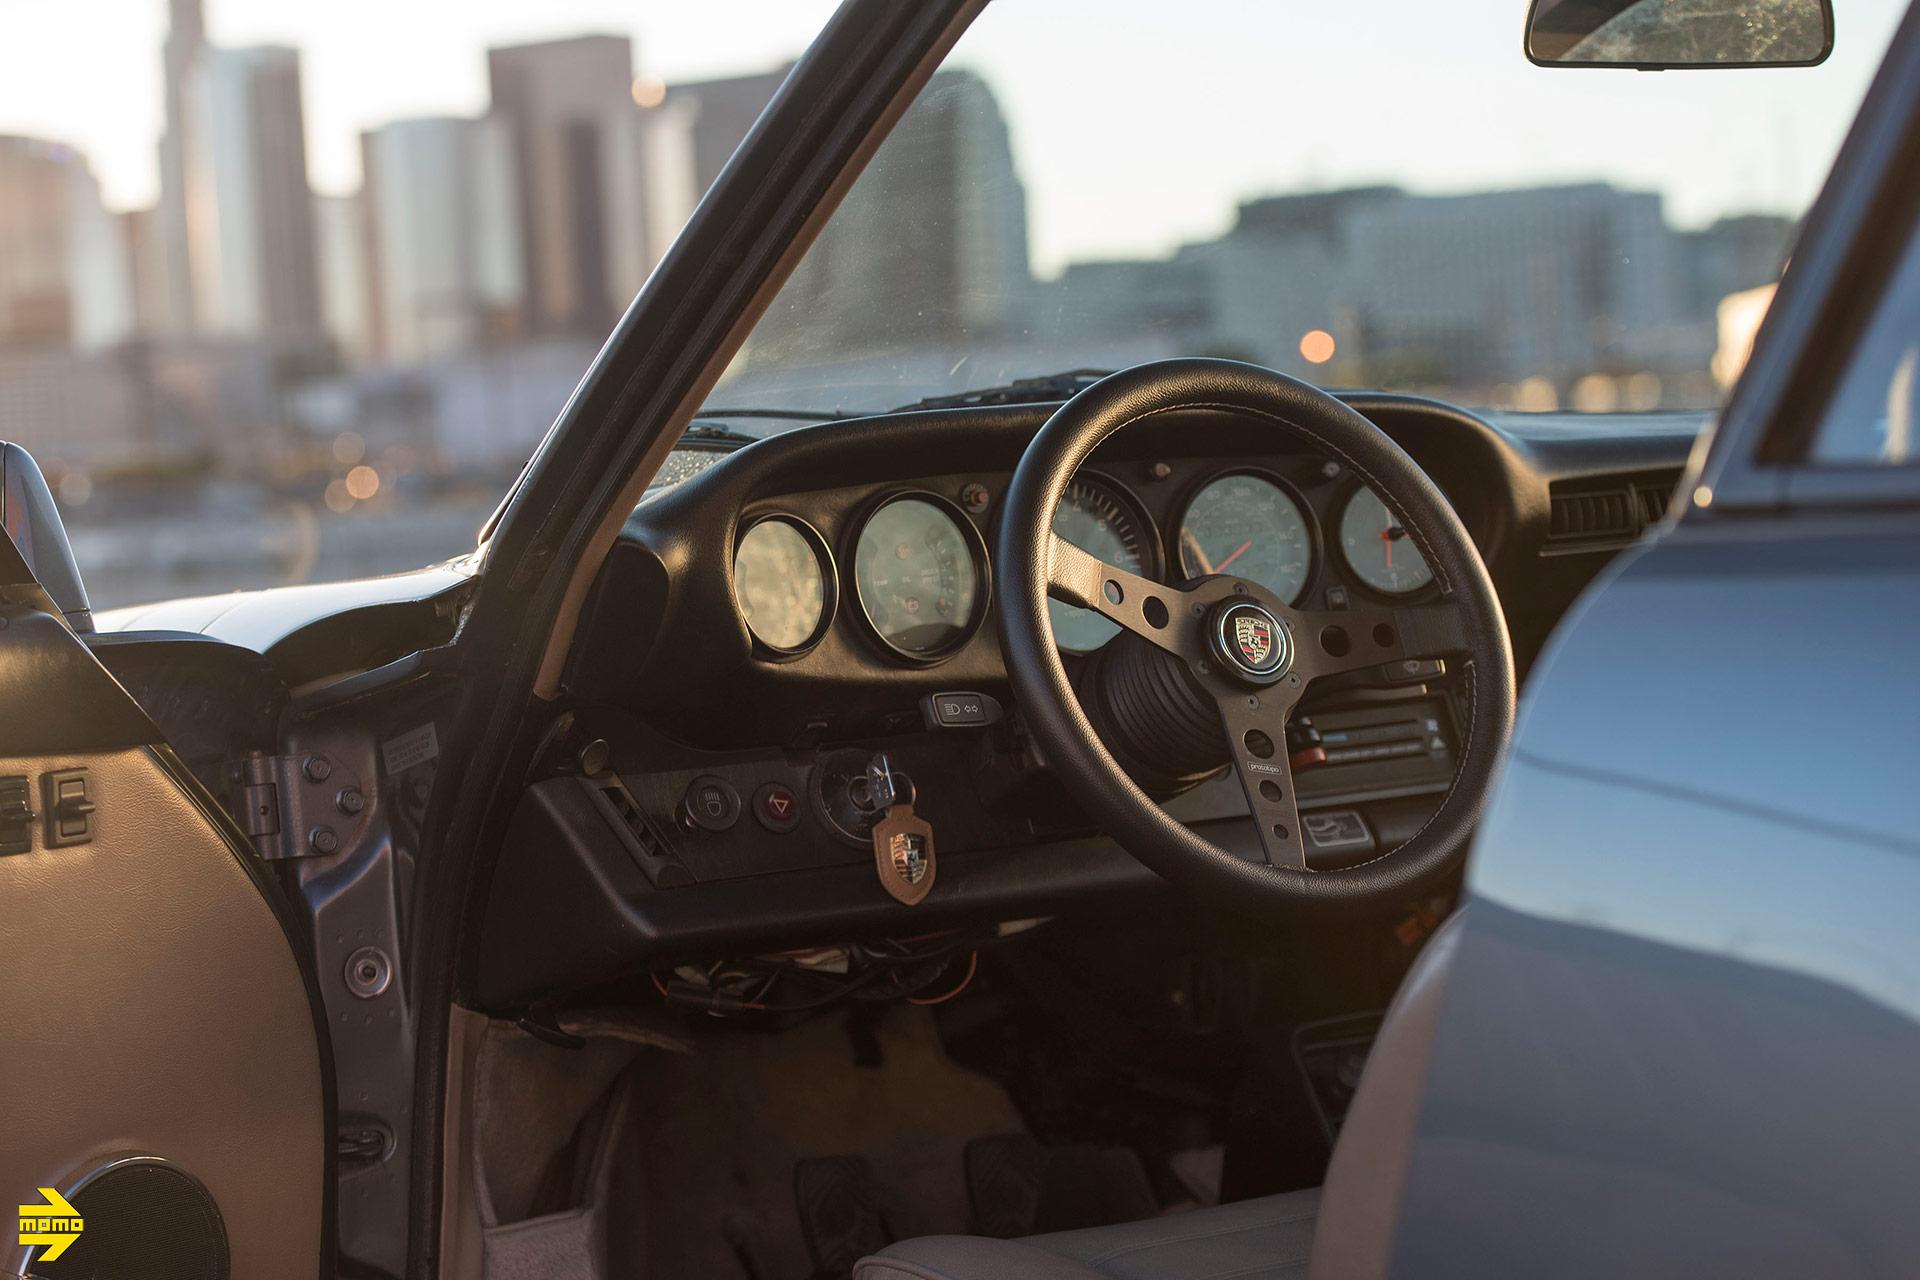 Blue Porsche 911 Super Carrera With A MOMO Prototipo Steering Wheel in Black